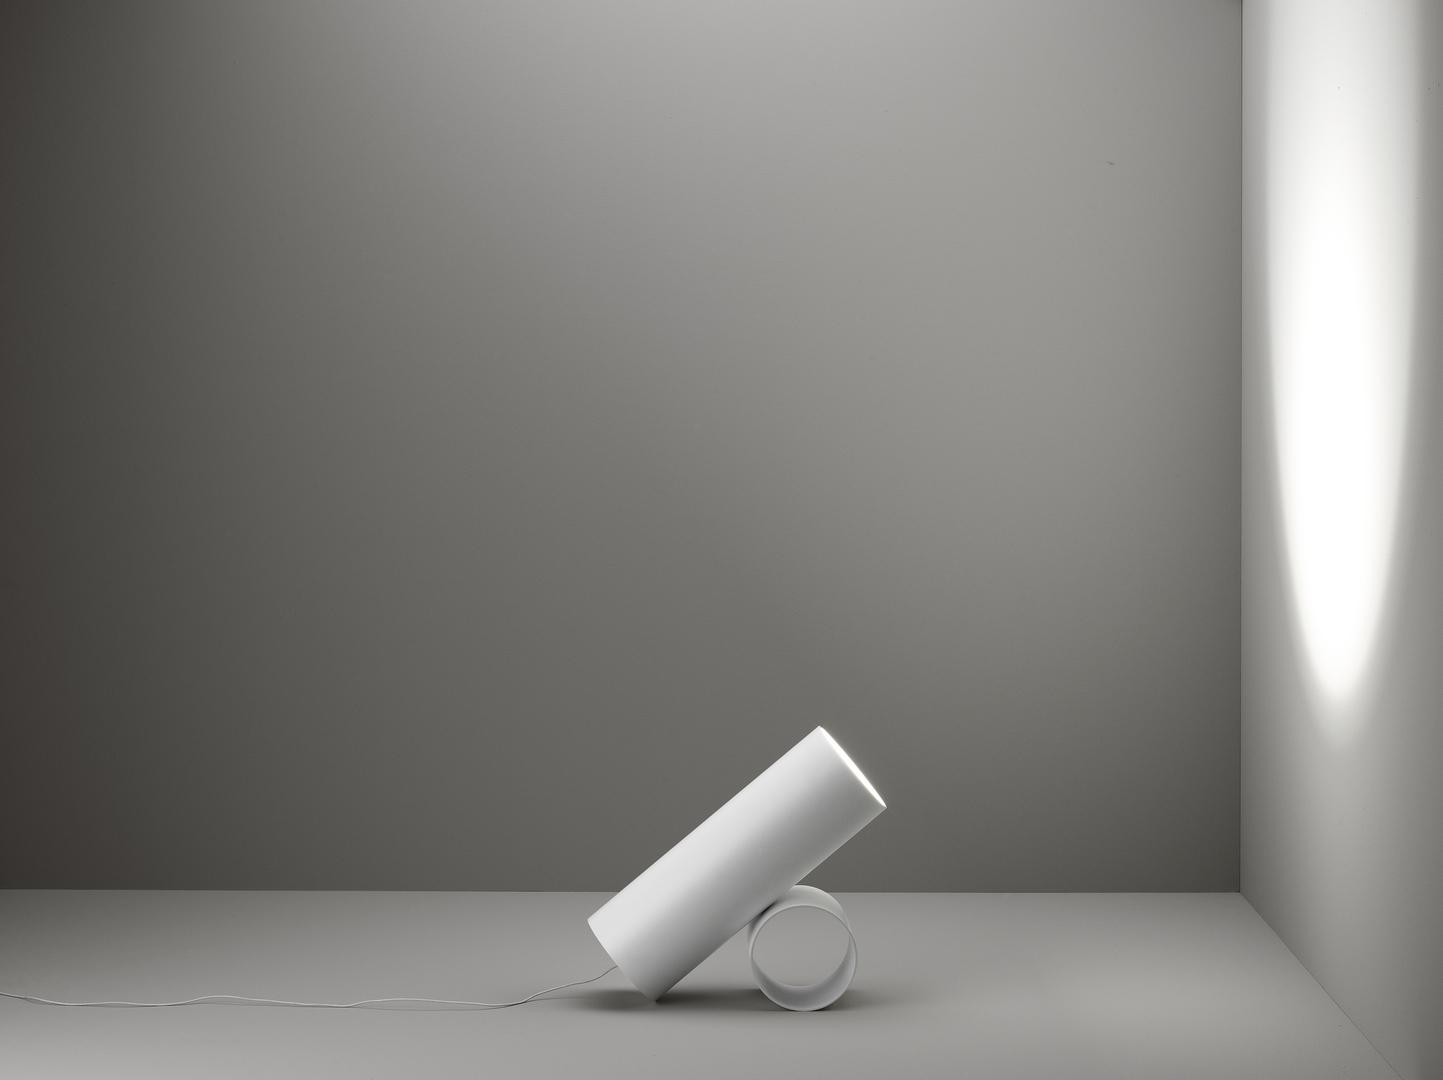 Savaru_bianco_su_fondo_posizione_B[1].jpg